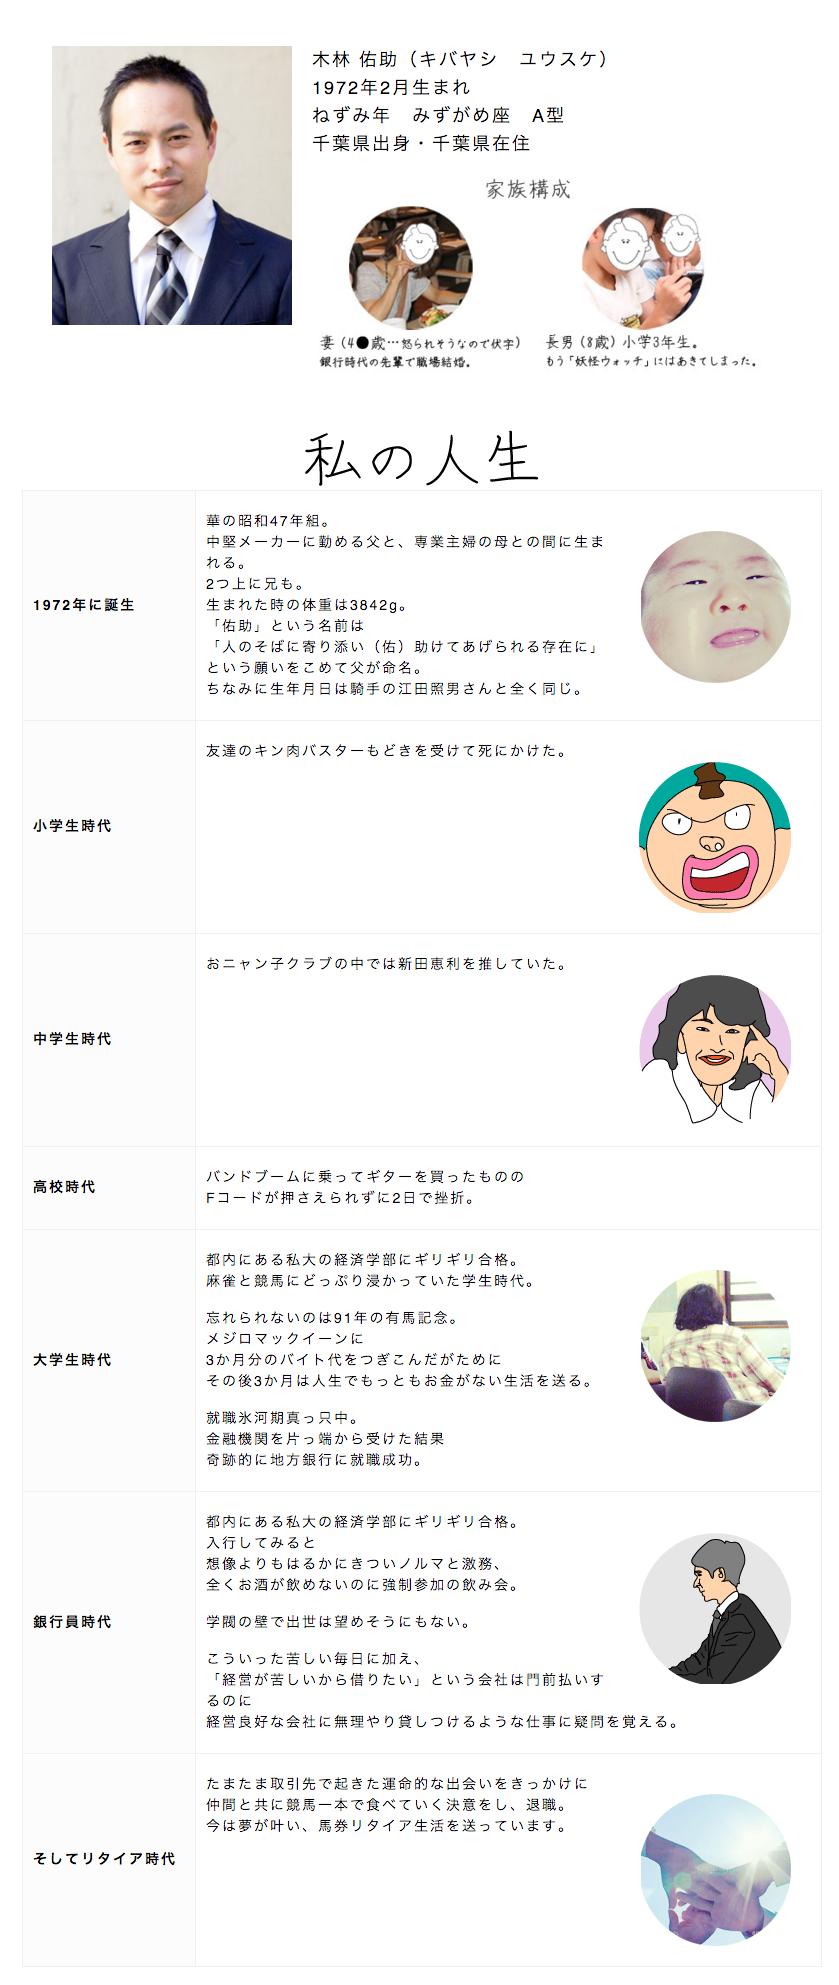 銀行流1000円→50万円錬金術_木林佑助の人生